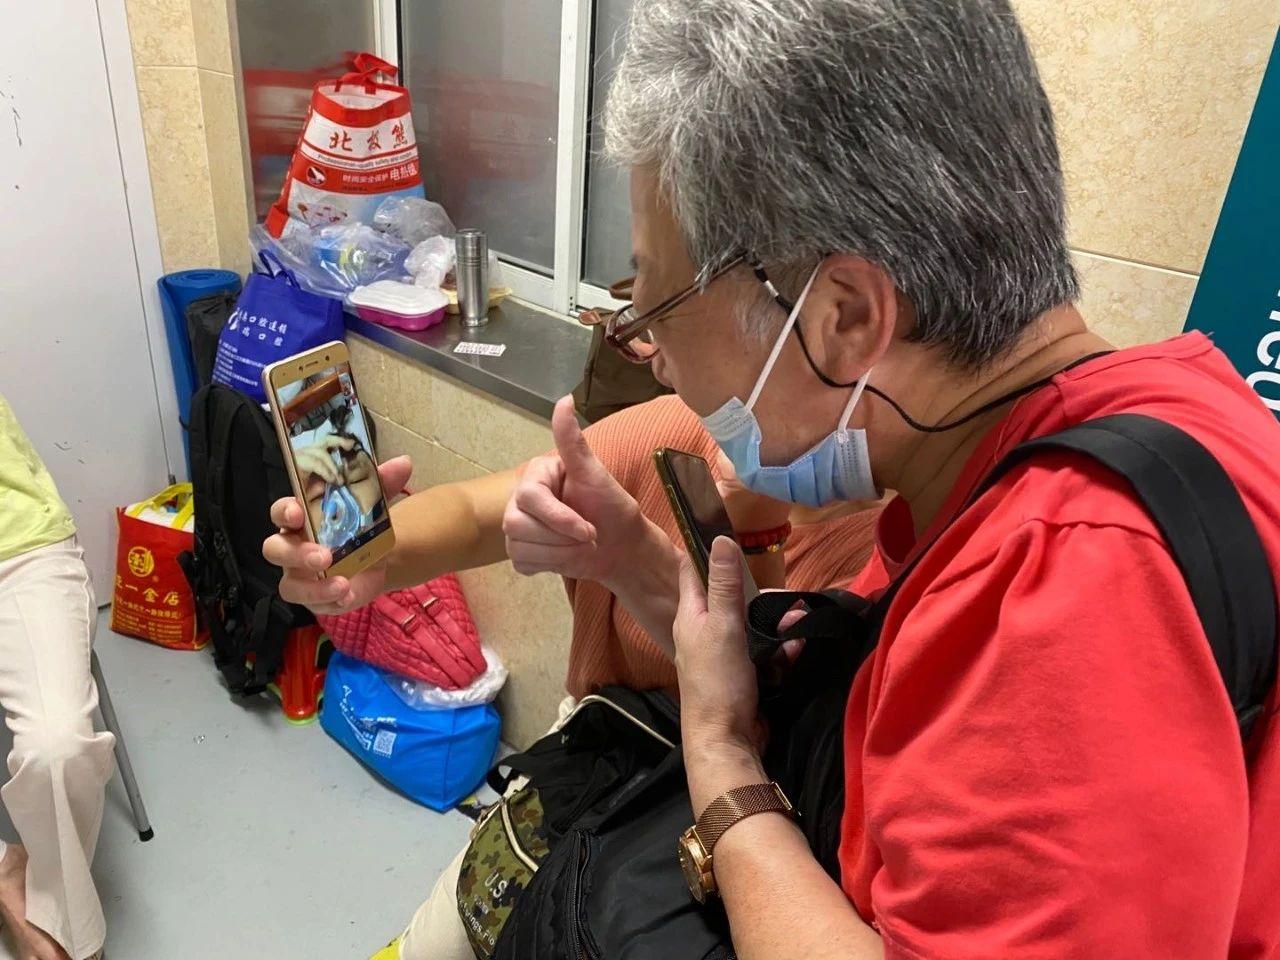 9月1日下午,妈妈和姑姑在ICU病房外和胖先生连线鼓励他。新京报记者杜雯雯 摄